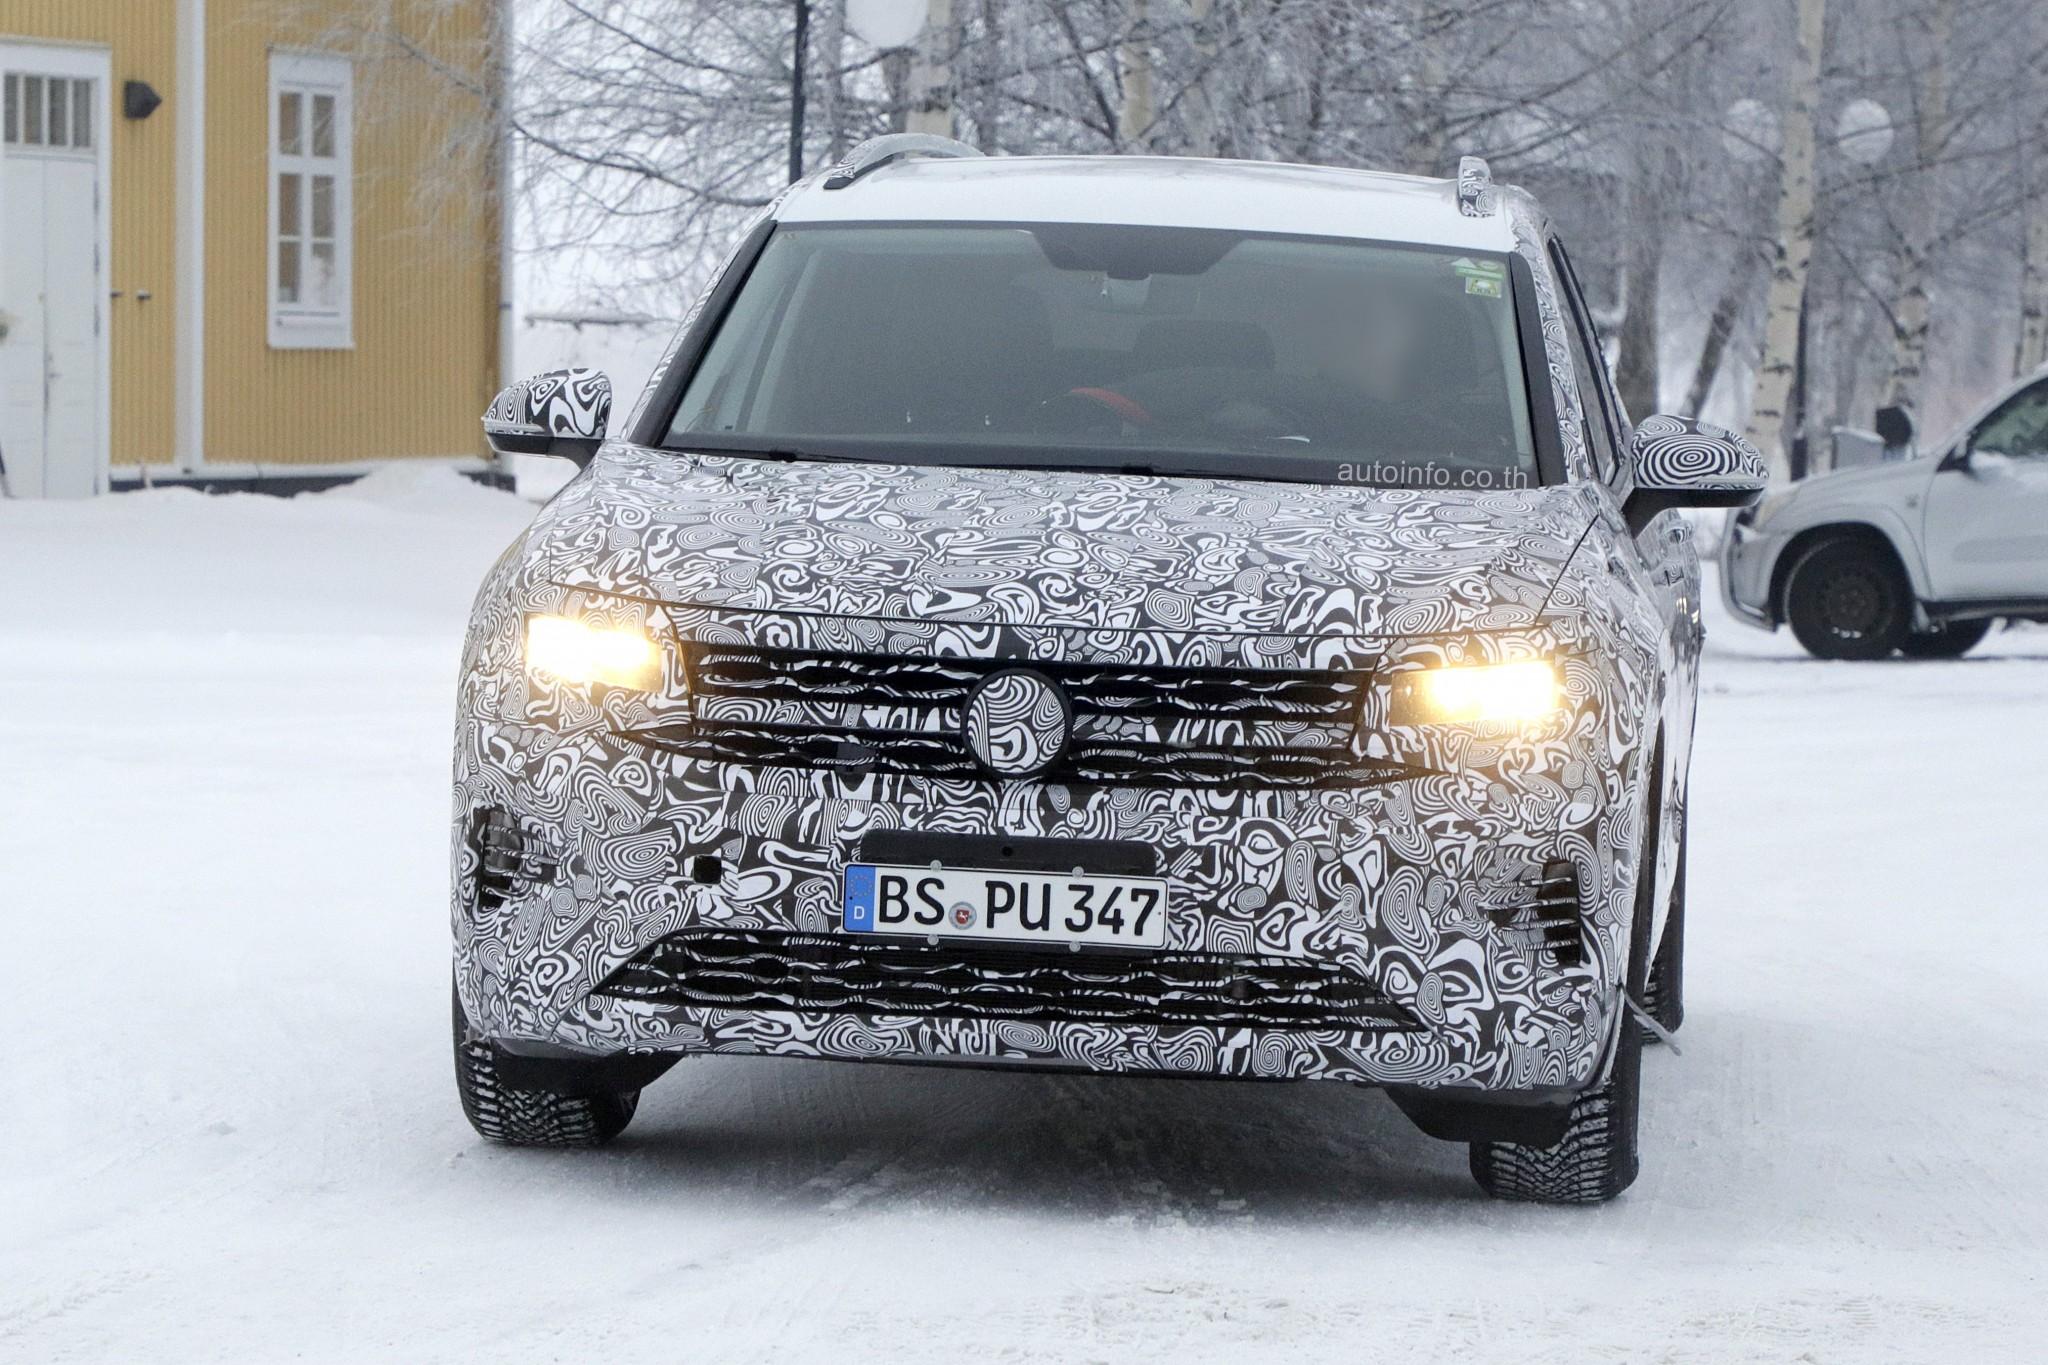 w VW SMV 001